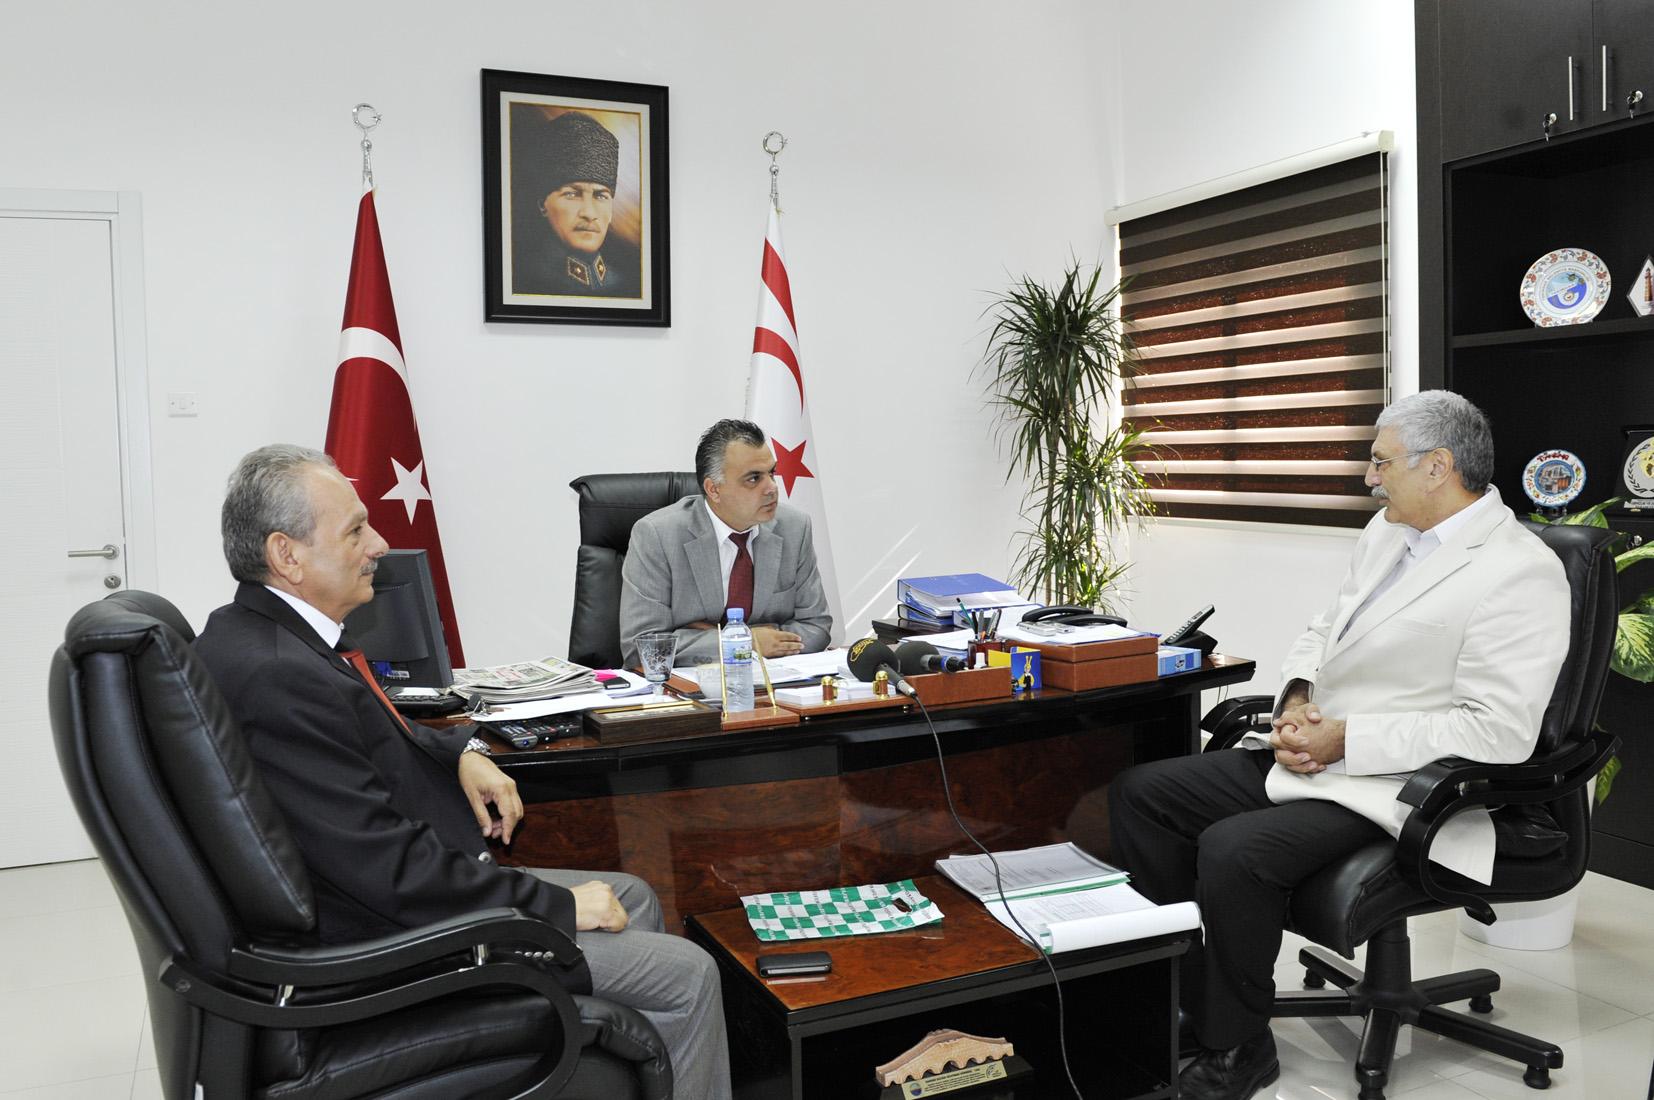 İDRİS, TRAFİK KAZALARINI ÖNLEME DERNEĞİ'Nİ KABUL ETTİ